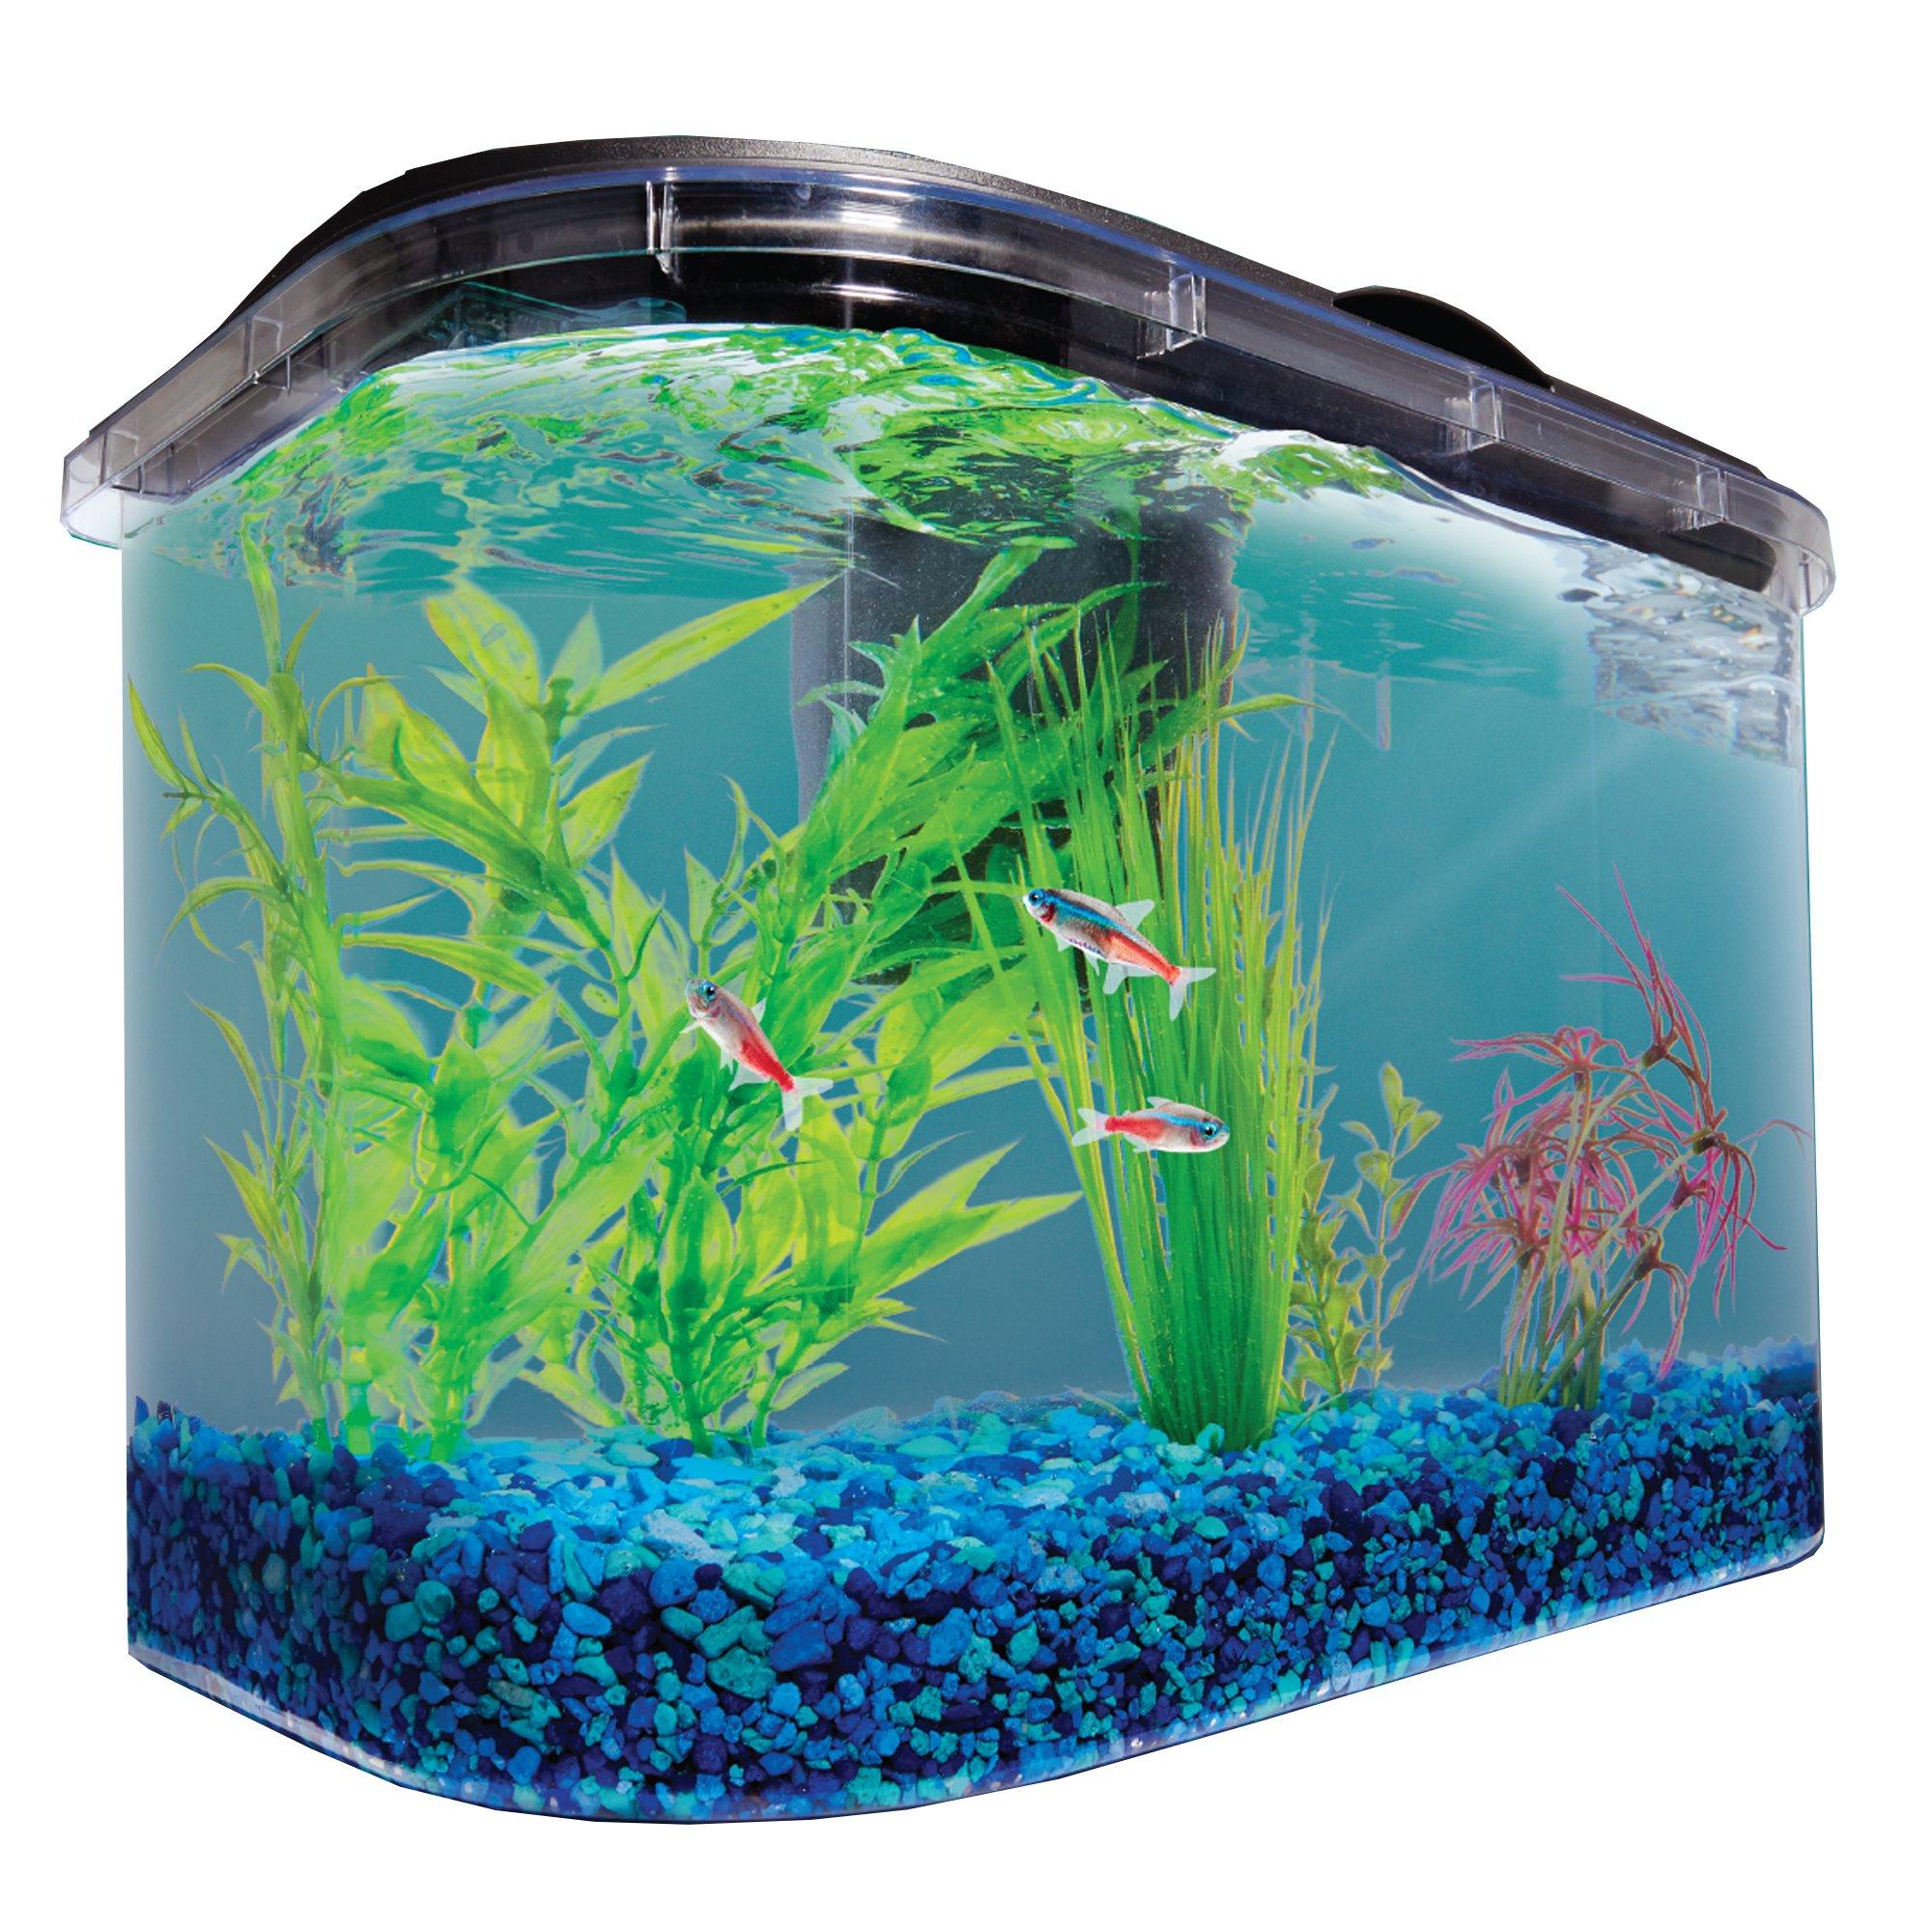 Imagitarium freshwater aquarium petco for 4 gallon fish tank